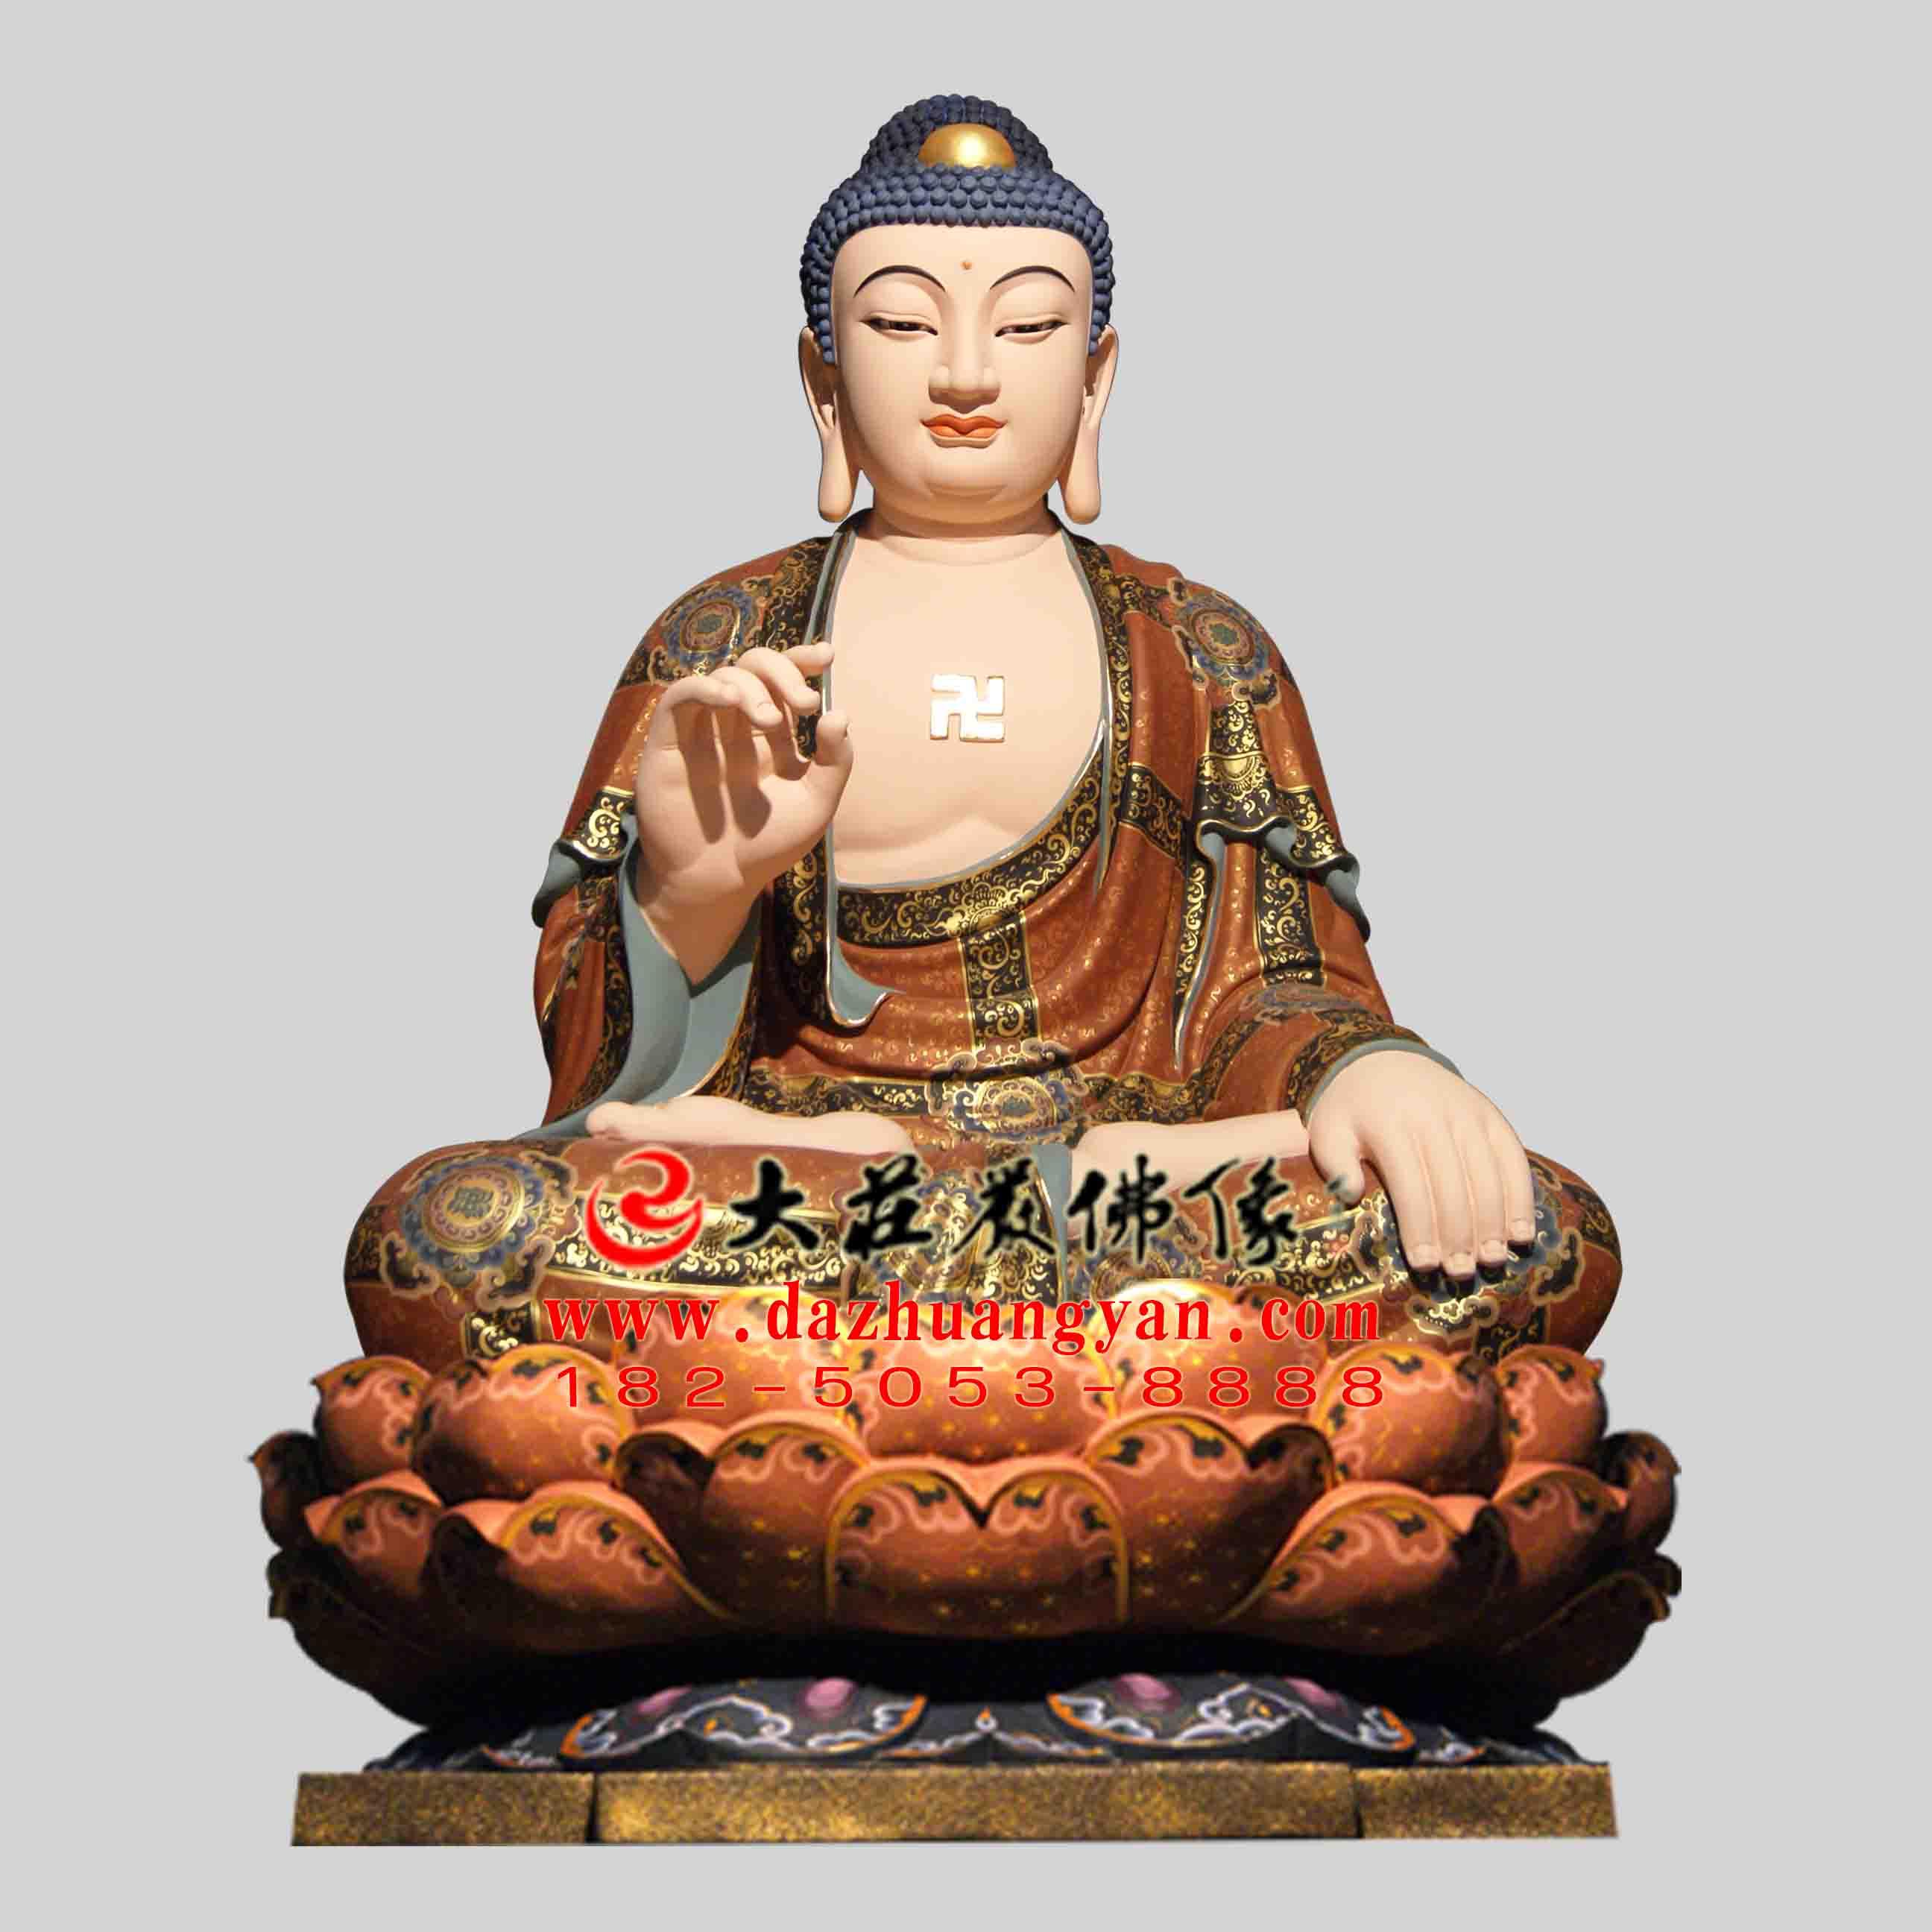 彩绘描金生漆脱胎华严三圣之释迦牟尼佛塑像【